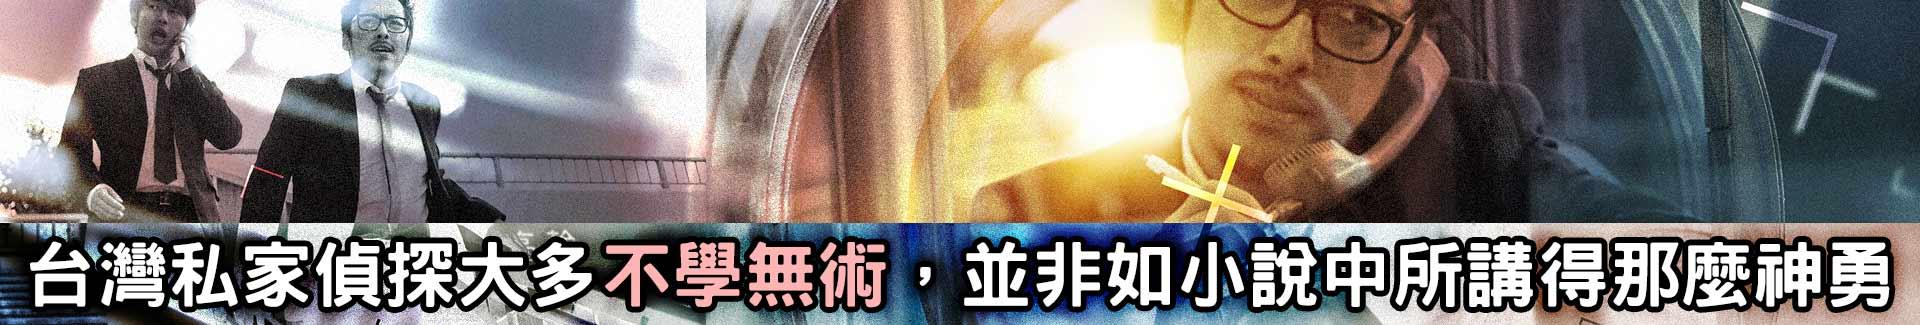 台灣私家偵探大多不學無術,並非如小說中所講得那麼神勇